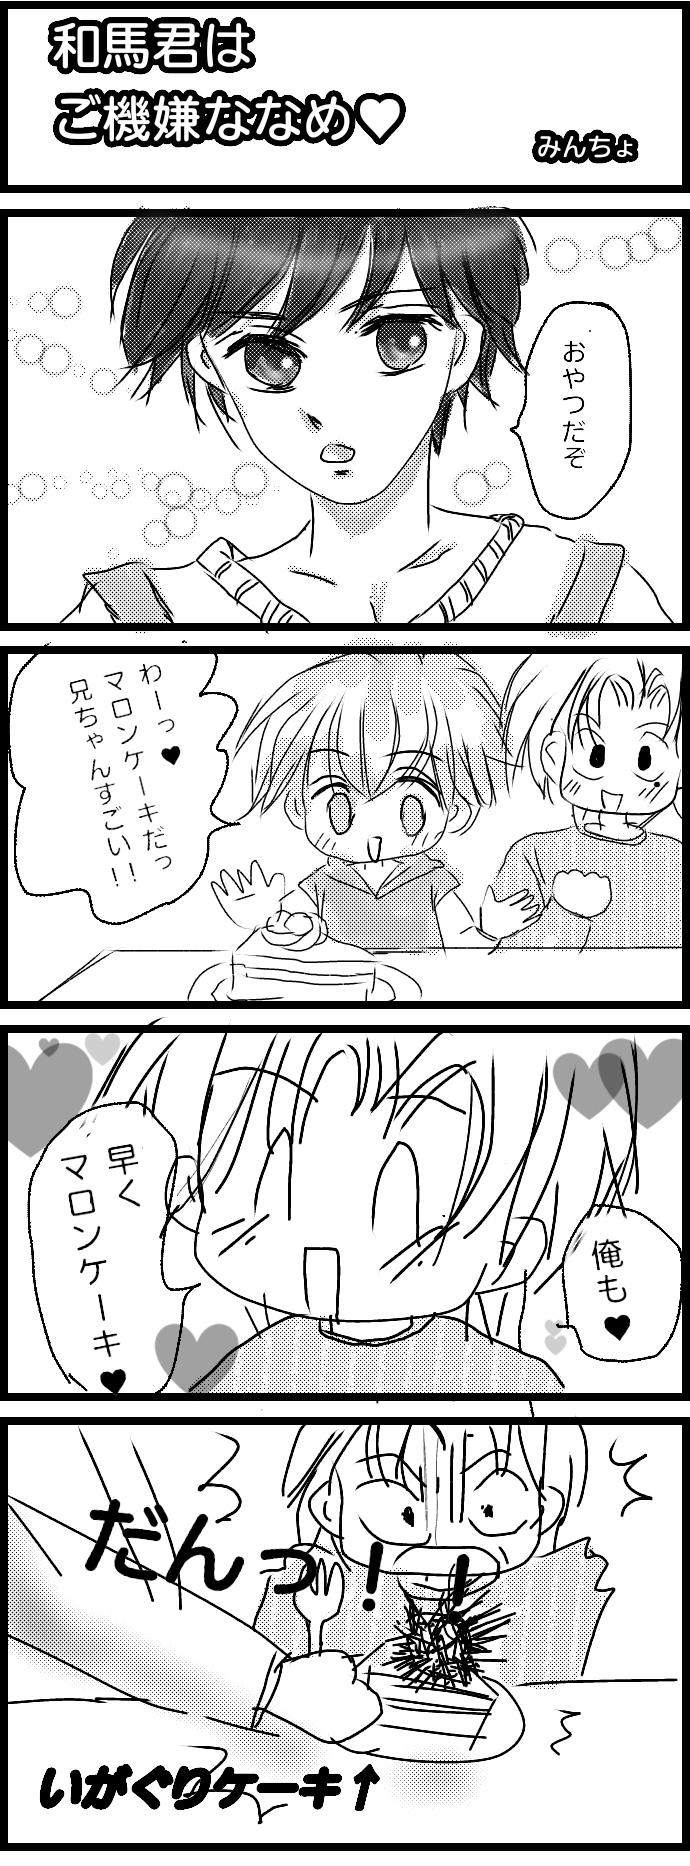 オリジナル落書き漫画